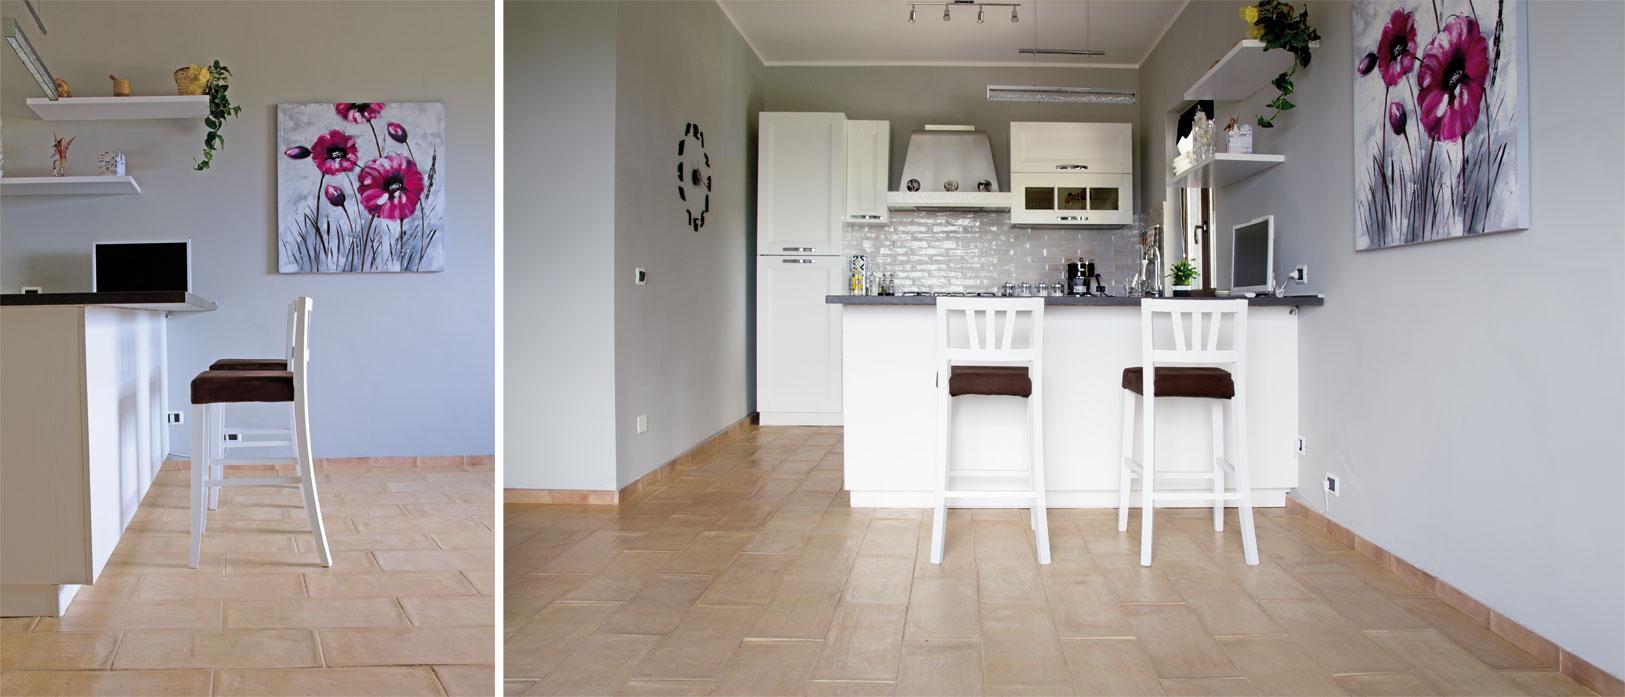 Cucina in cotto dai rivestimenti ai pavimenti ecco for Pavimenti da cucina moderna